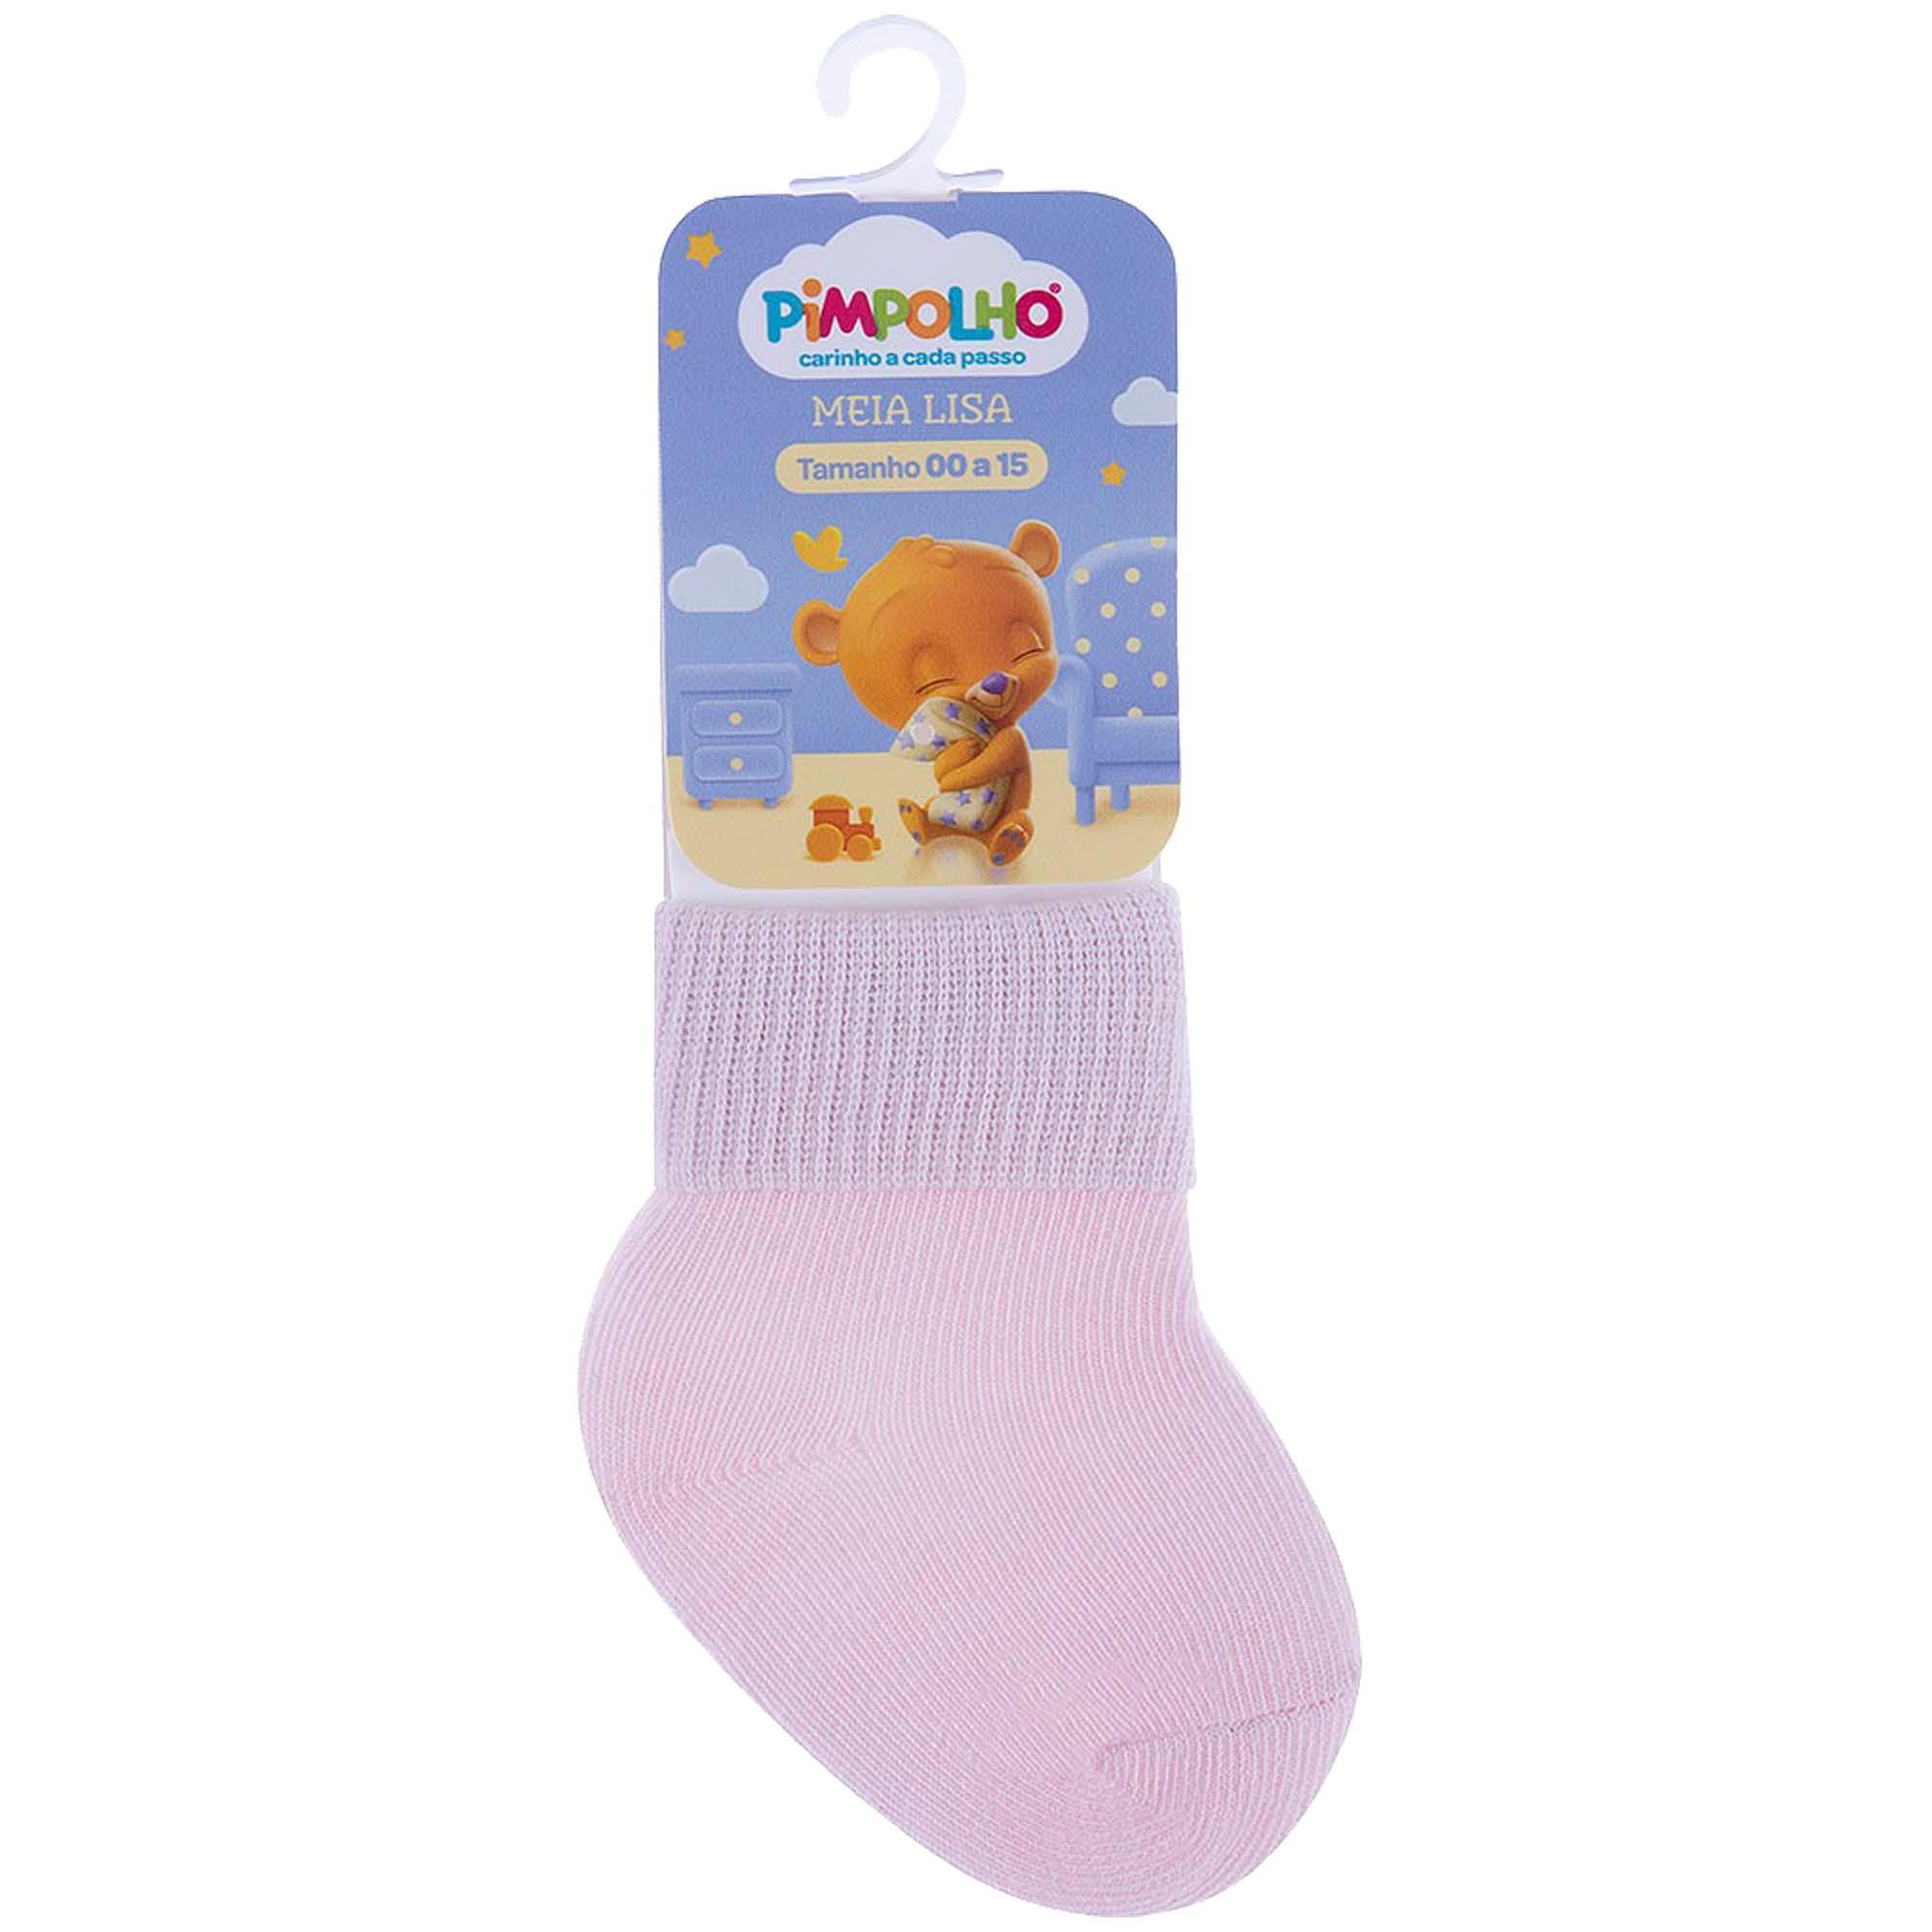 Meia Infantil Pimpolho Lisa - 00 ao 15